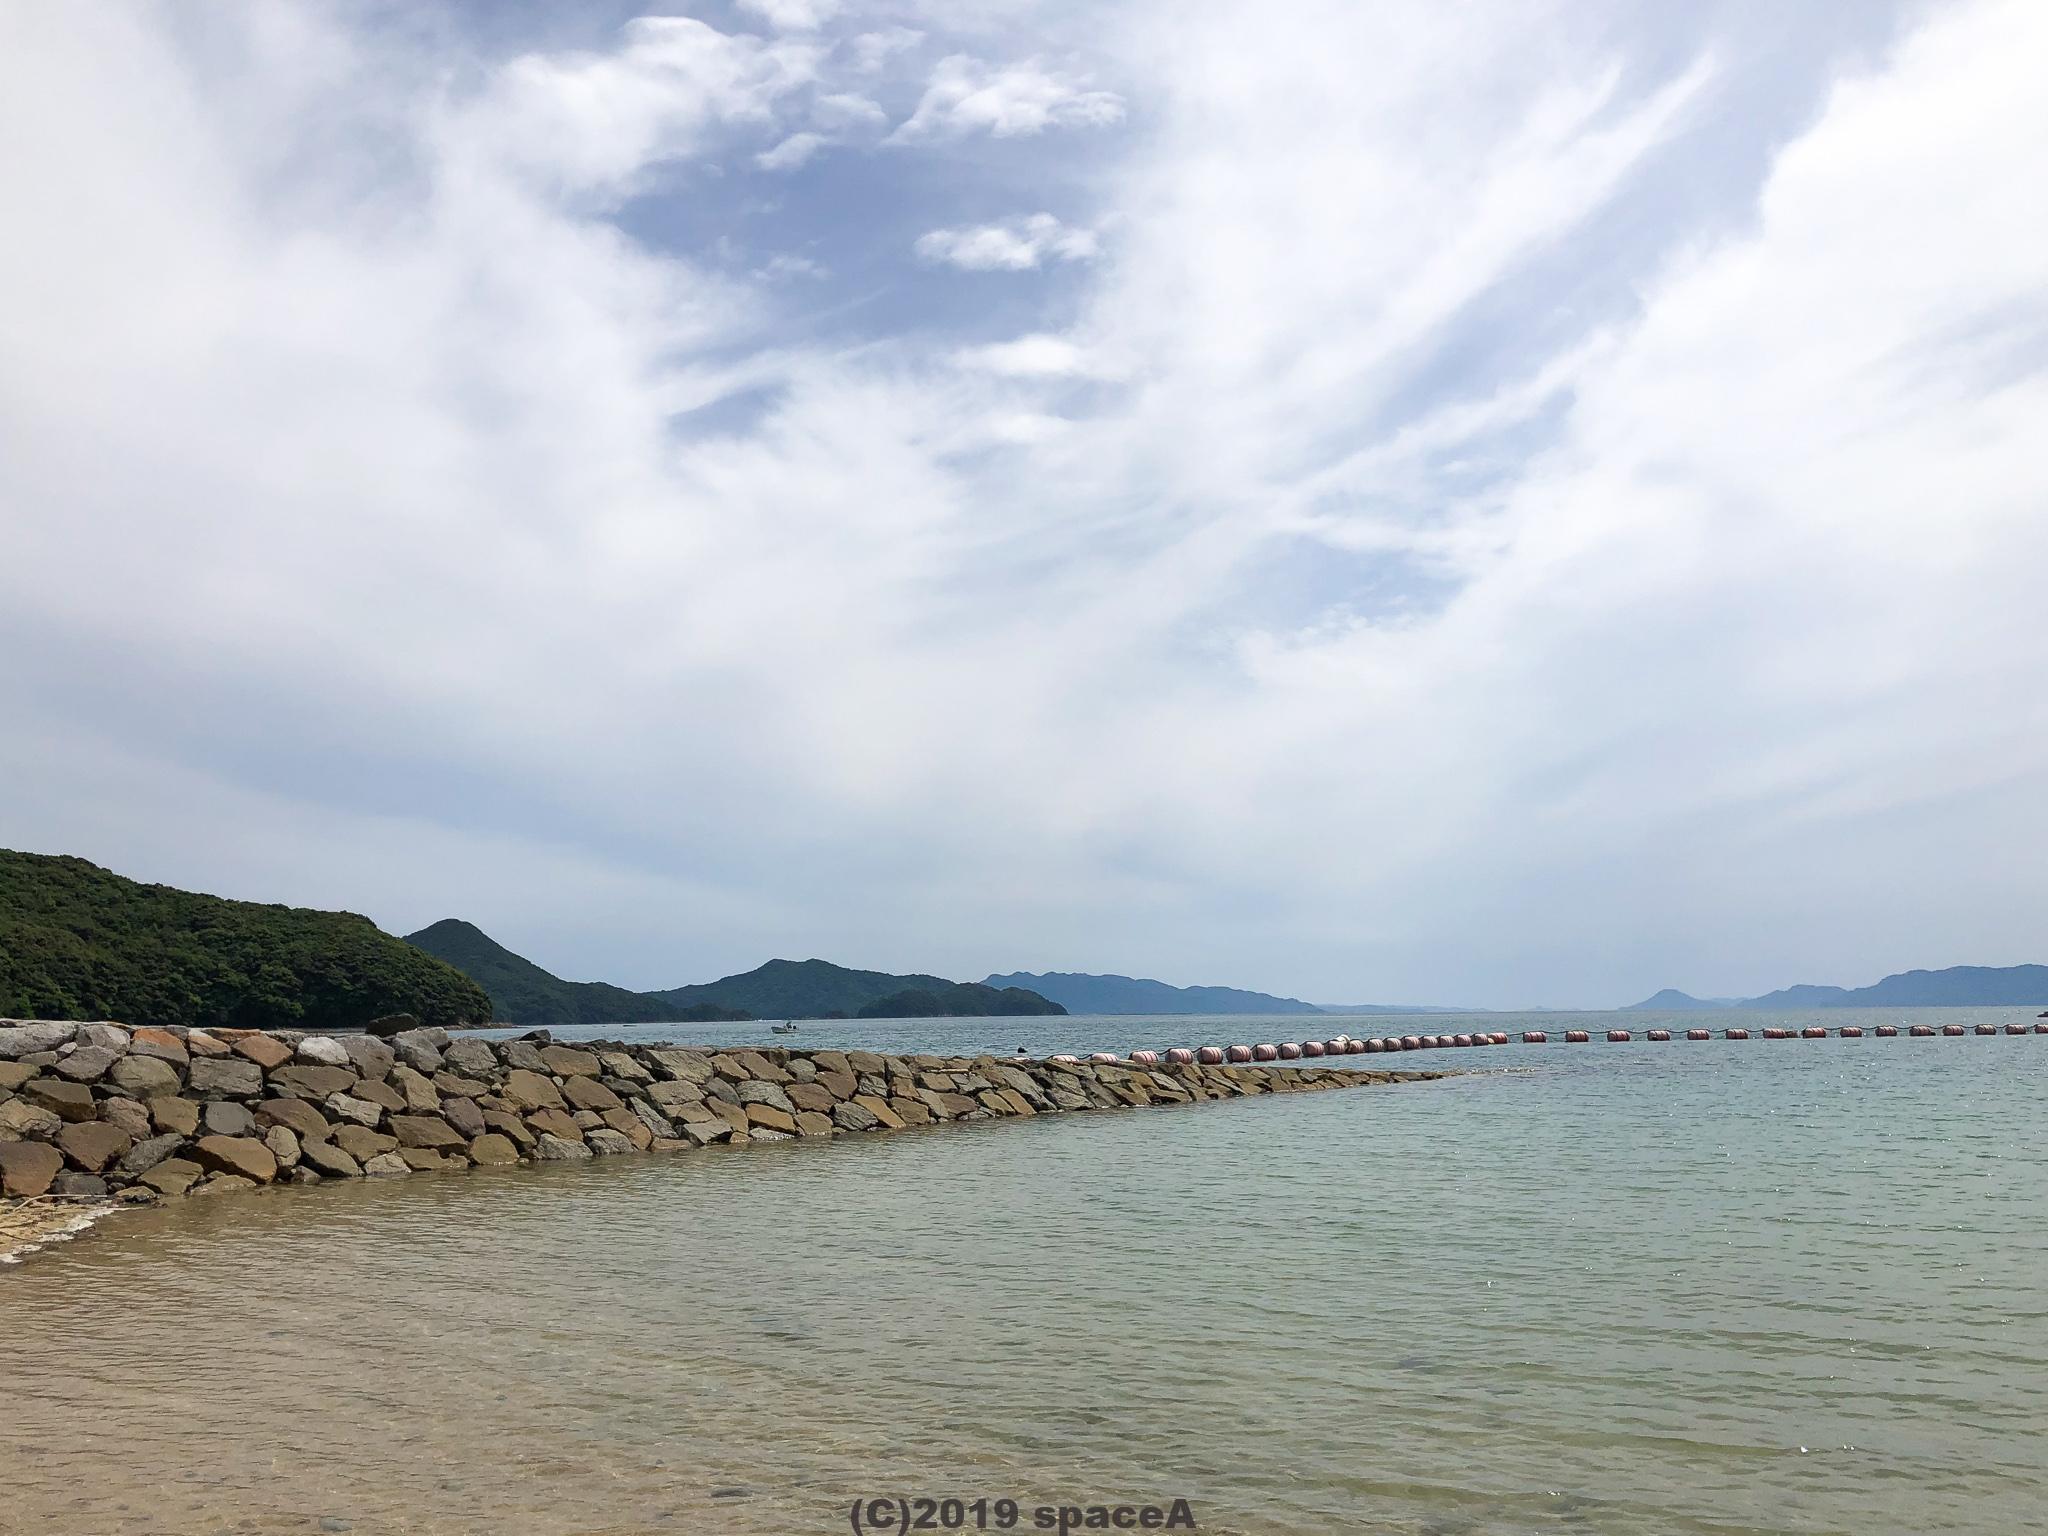 えびすビーチの海